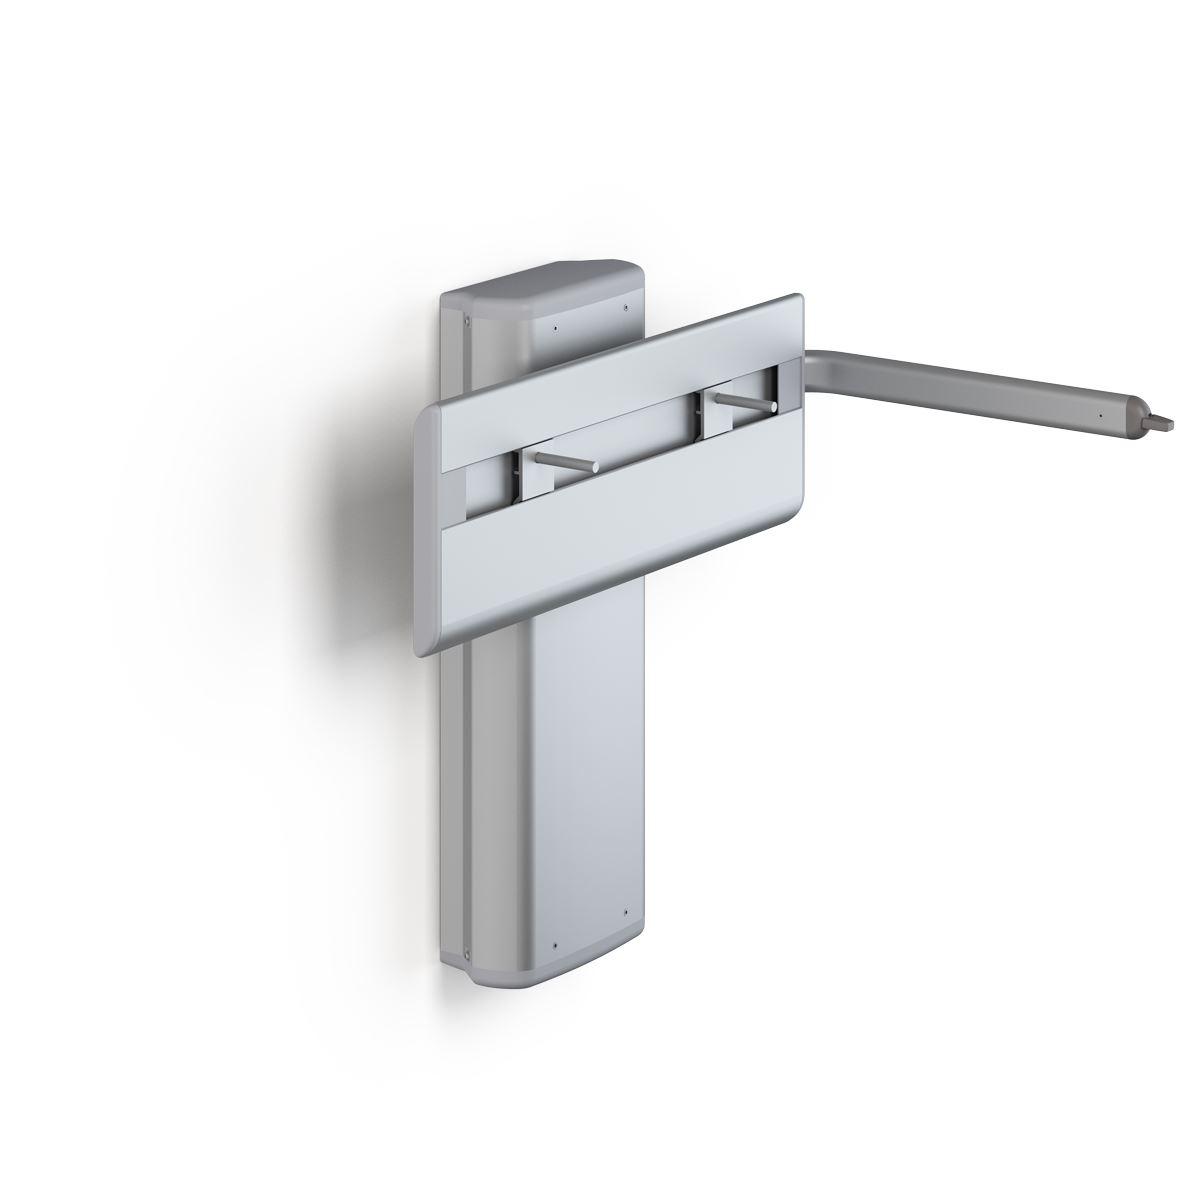 PLUS Waschtisch-Lifter mit Betätigungshebel, elektrisch höhenverstellbar